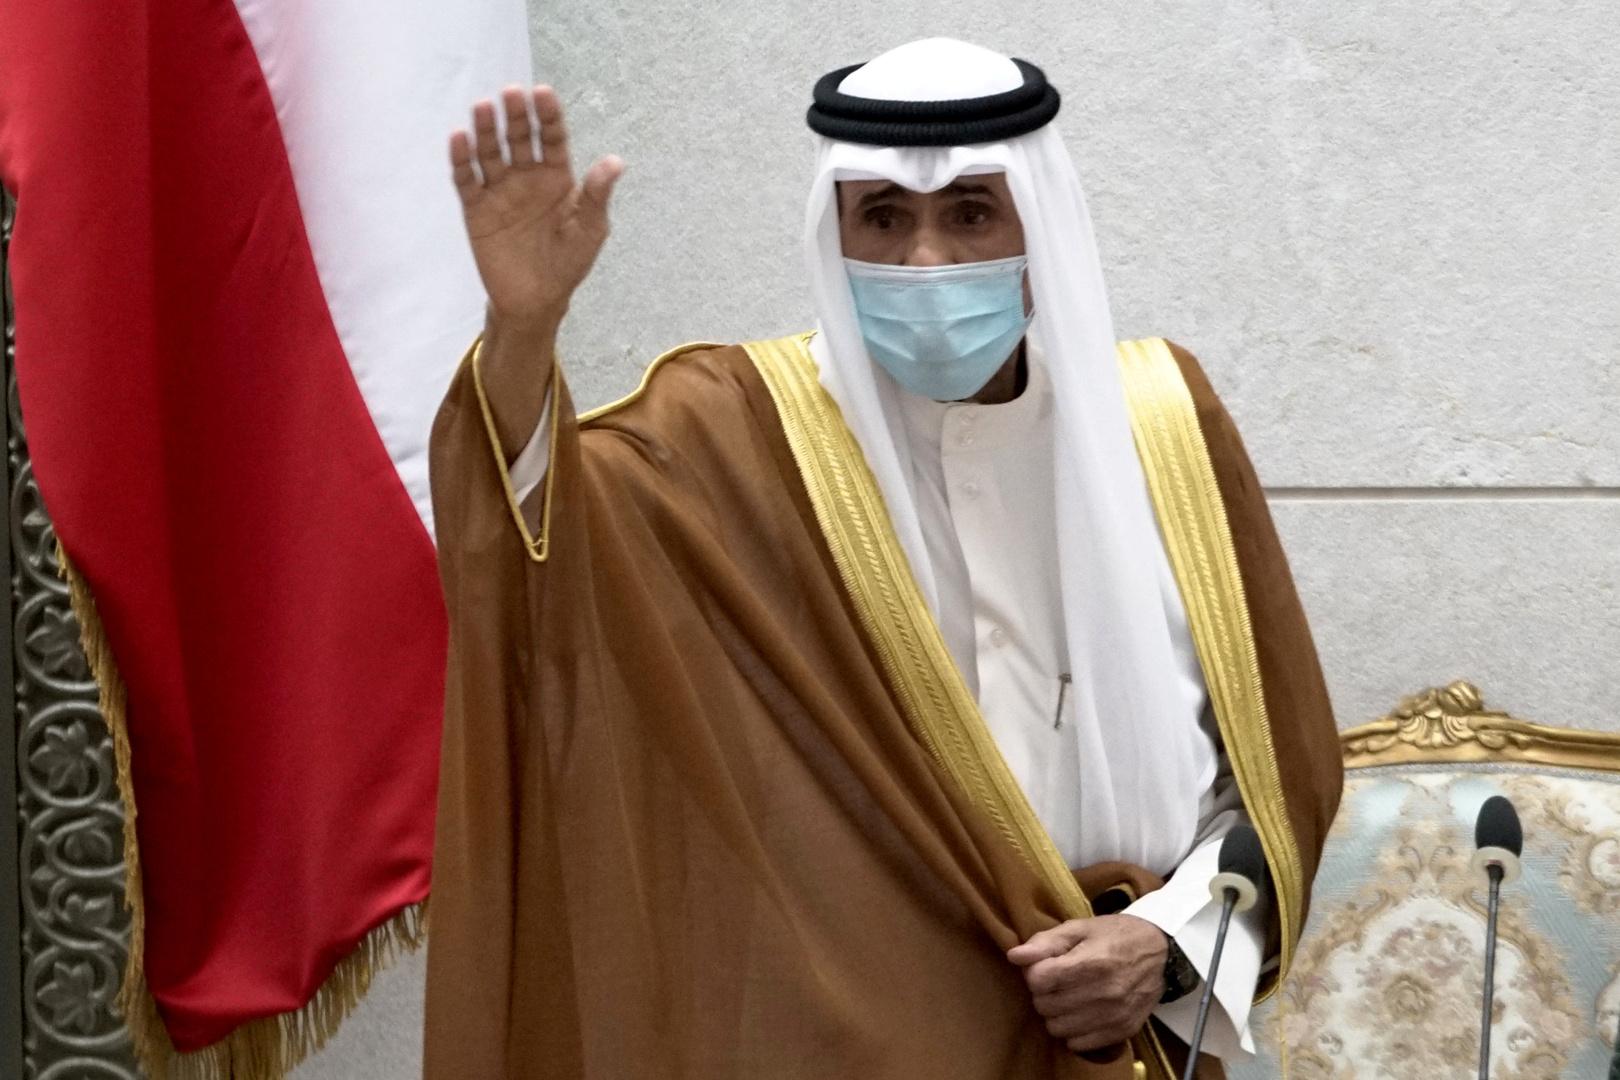 قبل يوم من القمة الخليجية.. أمير الكويت يبعث رسالة إلى أمير قطر